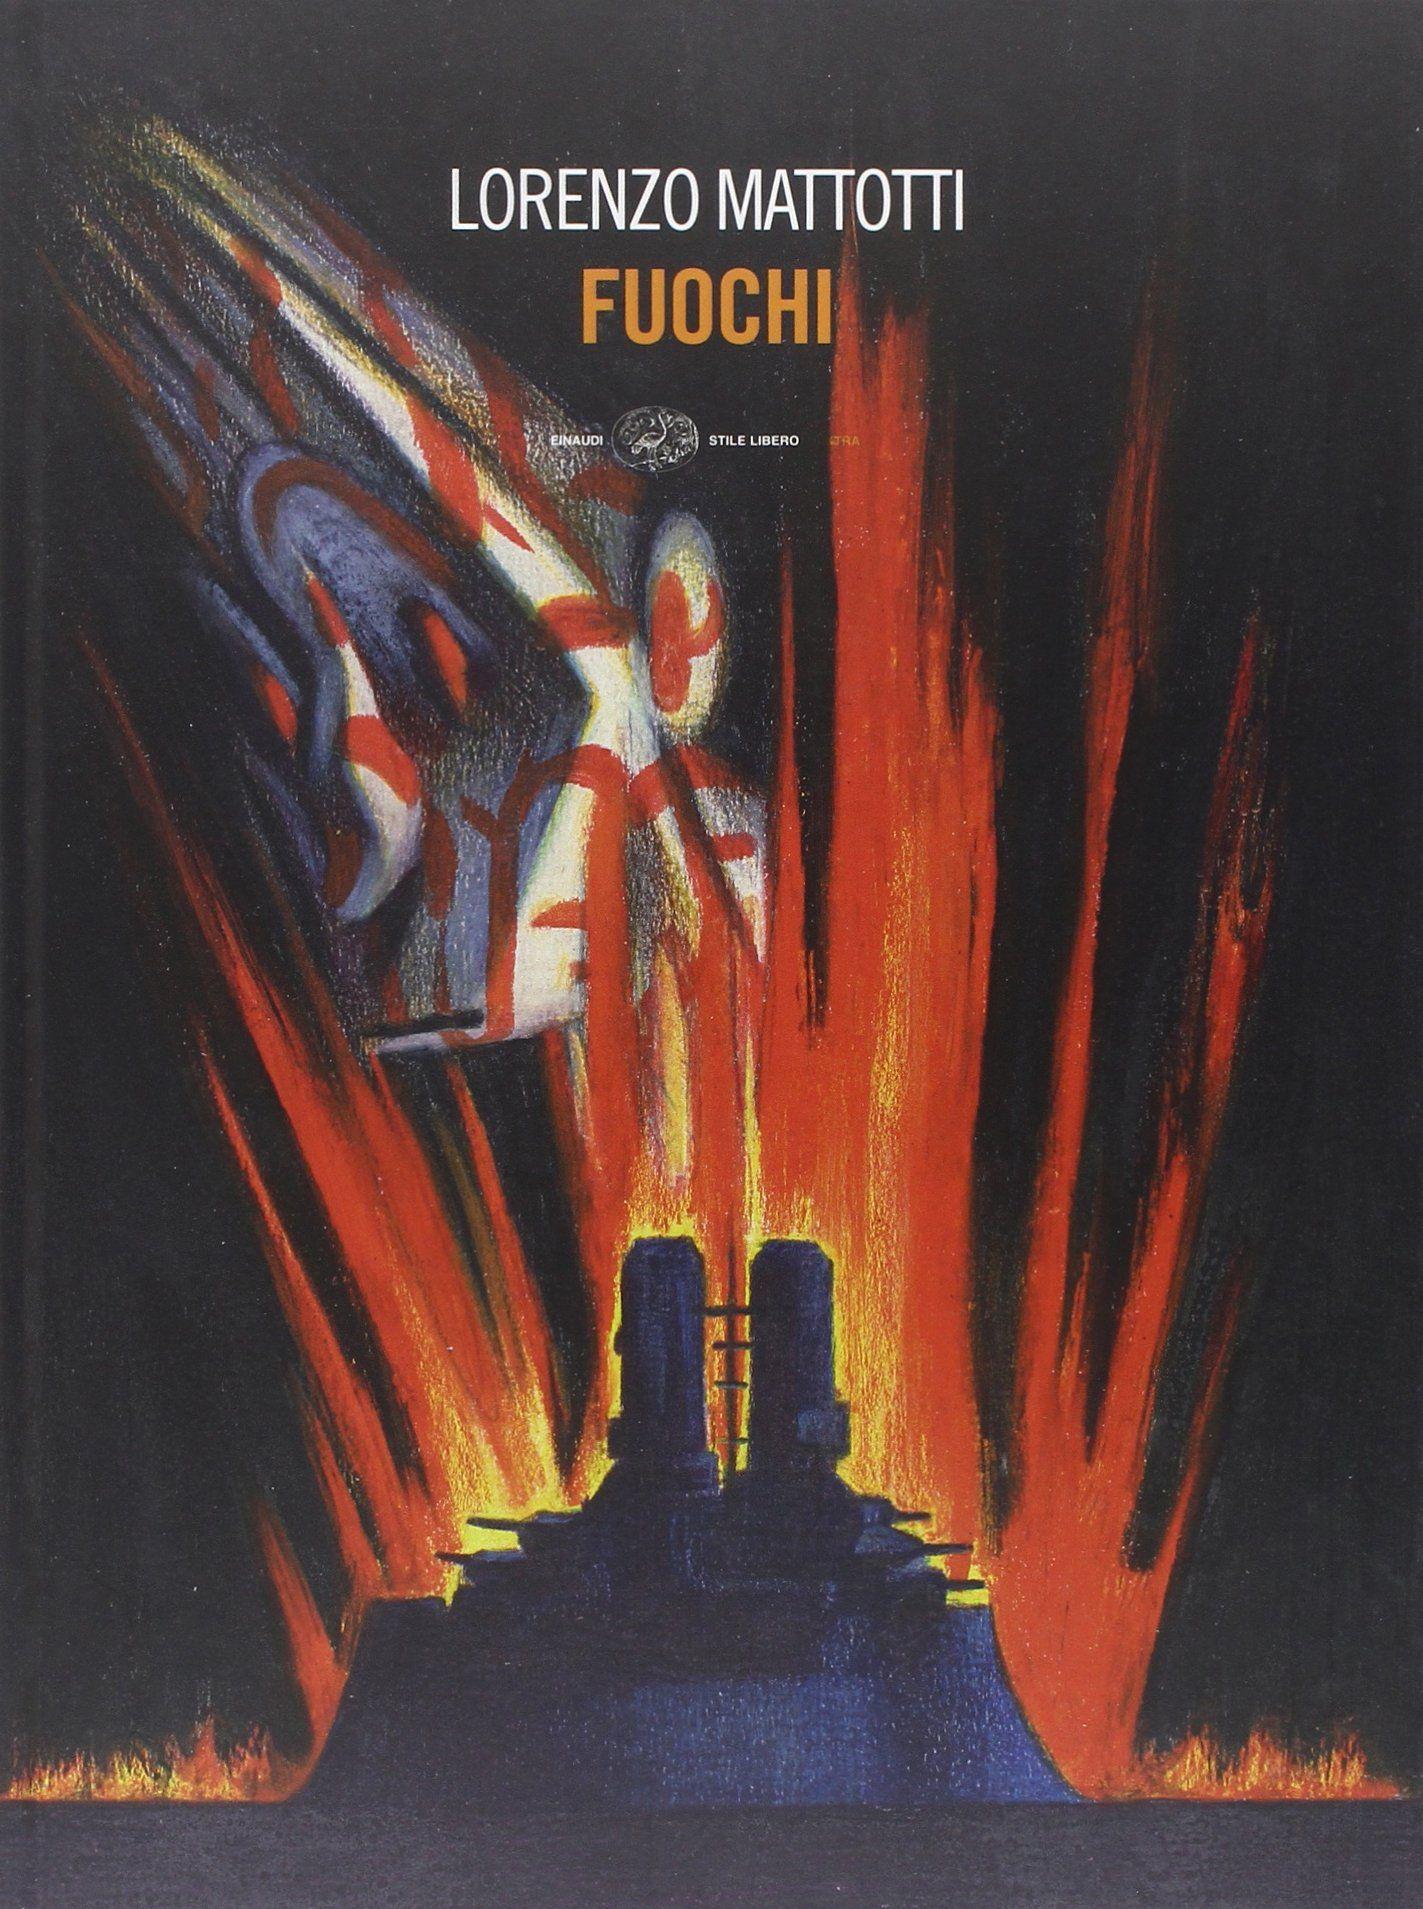 """""""Fuochi"""", di Lorenzo Mattotti: un graphic novel conteso dai collezionisti!"""